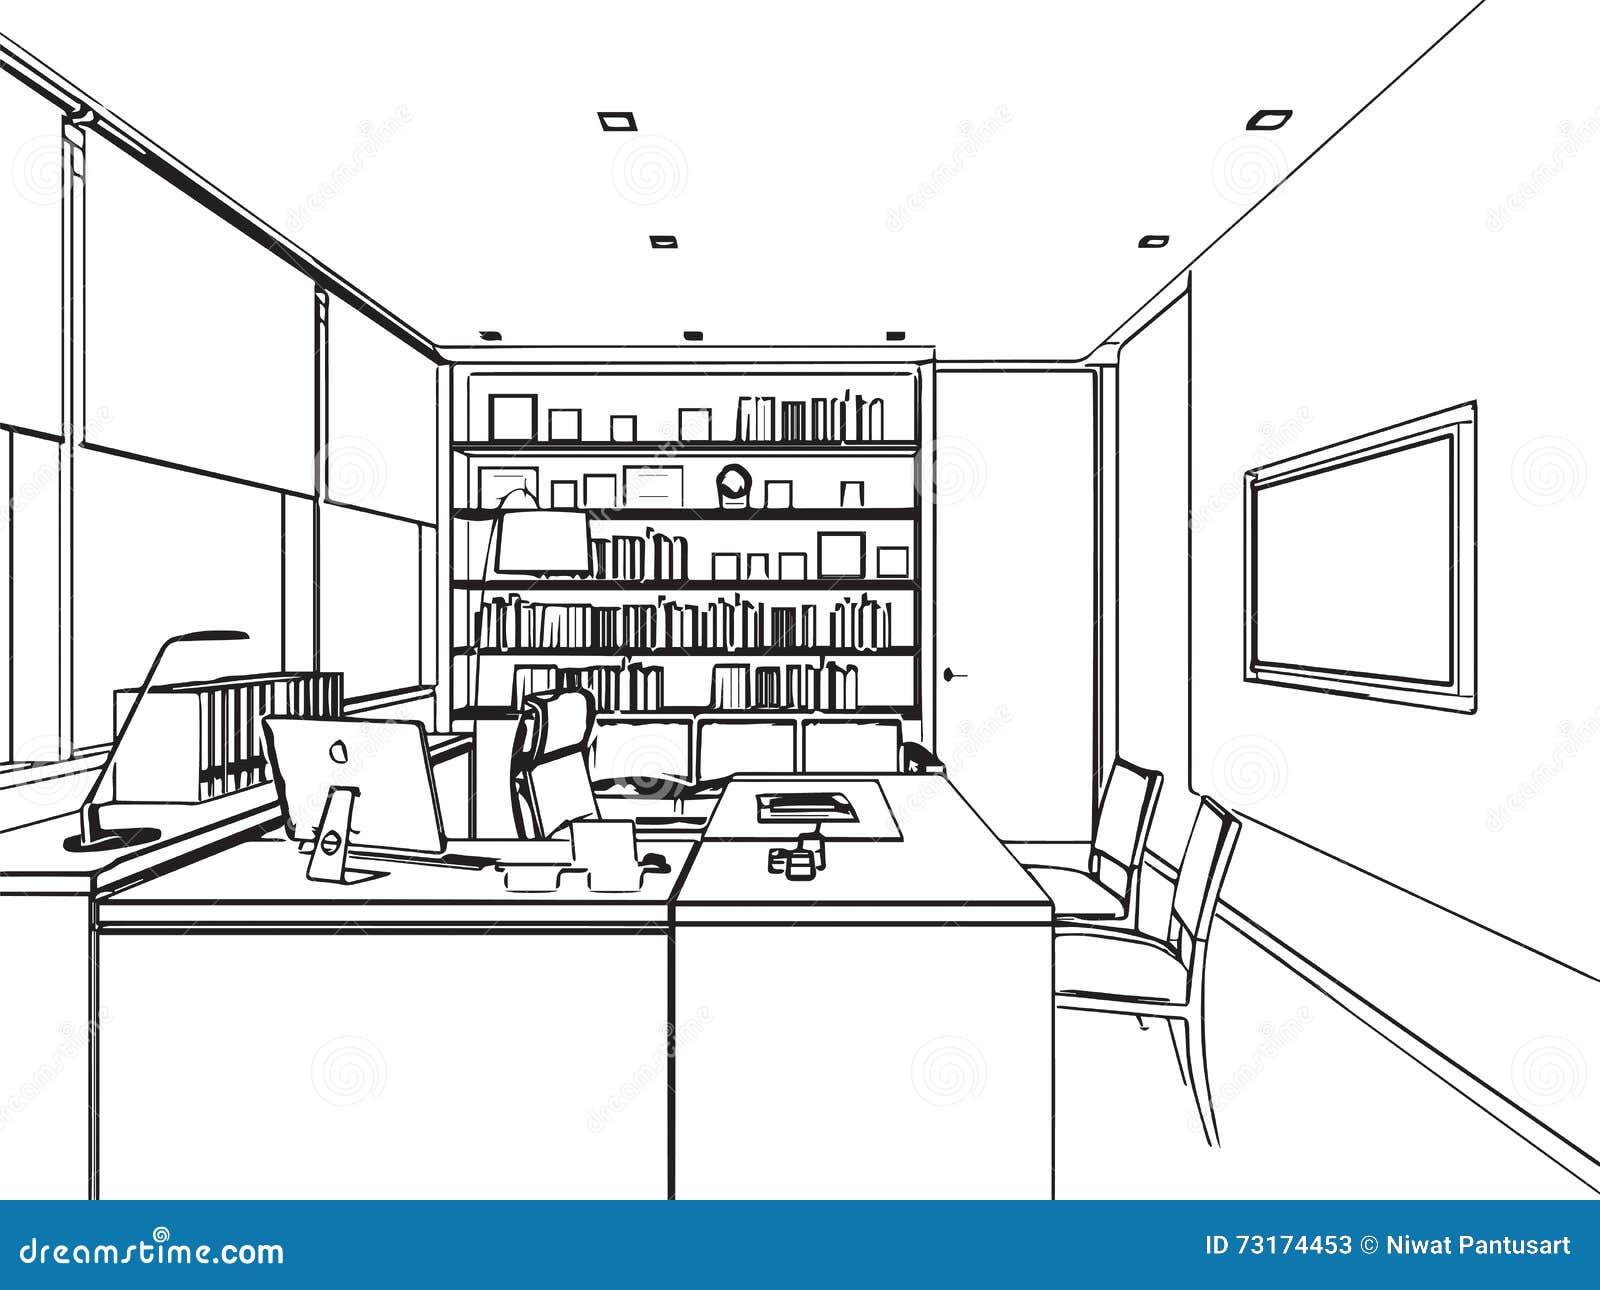 bureau de dessin coloriage bureau colier imprimer. Black Bedroom Furniture Sets. Home Design Ideas